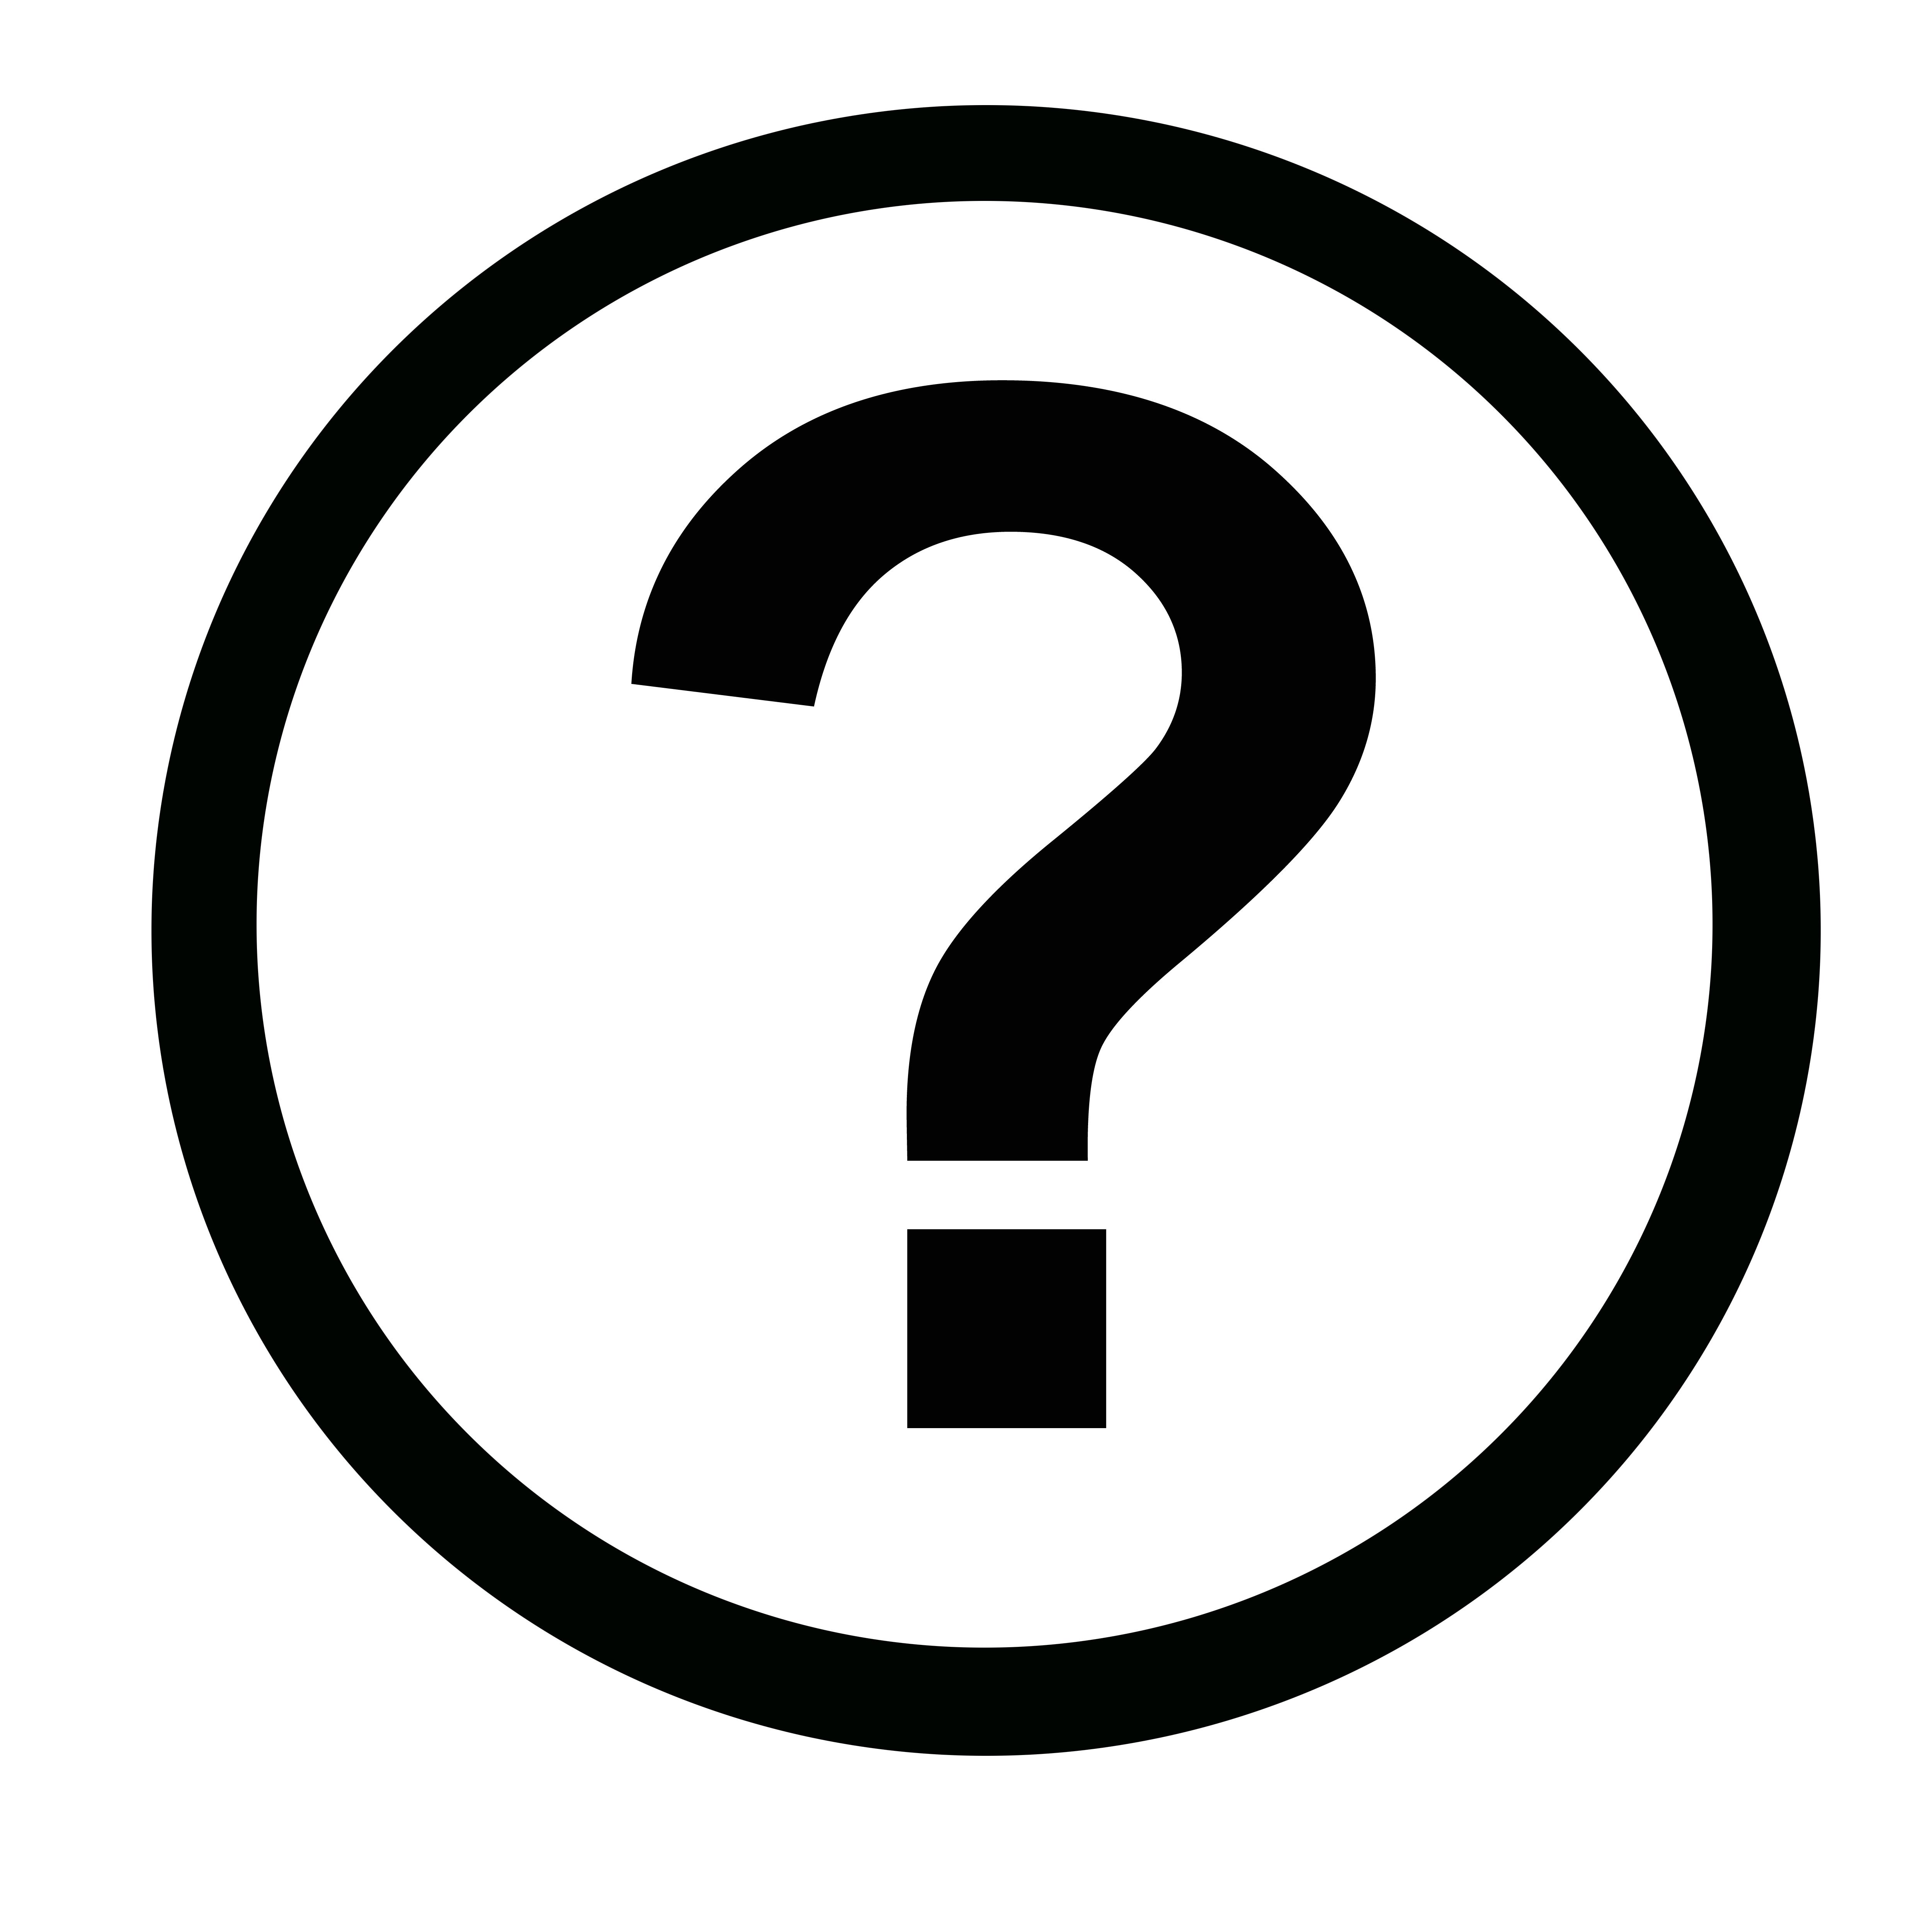 Description Icon round Question mark jpg